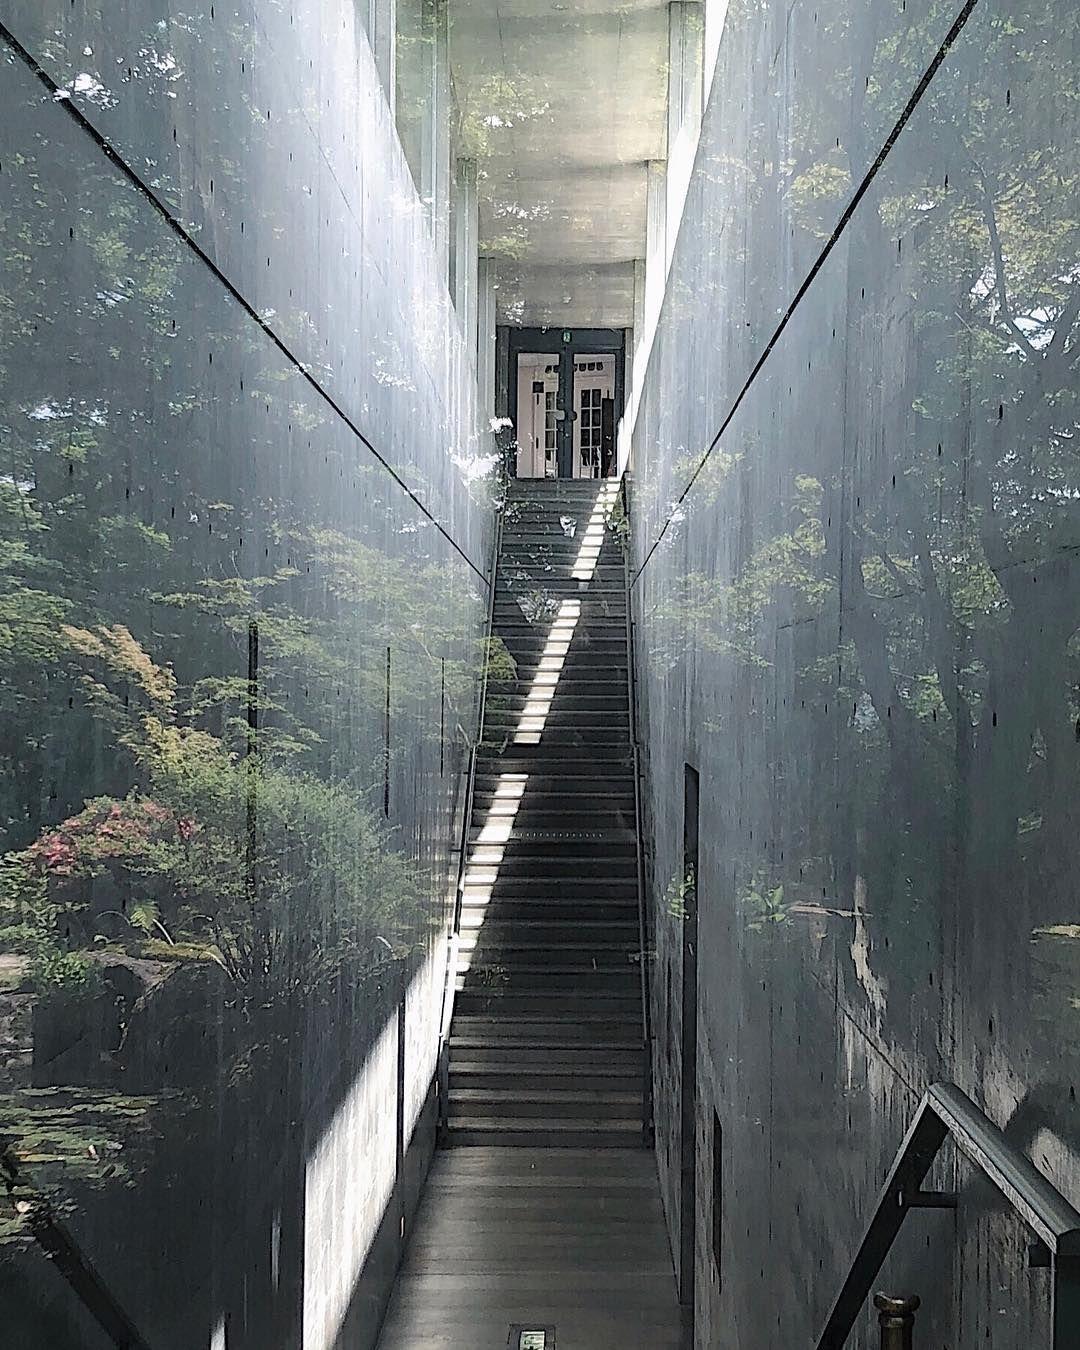 Its Miii On Instagram Tadao Ando 12 ガラス越しの地中の宝石箱 コンクリートに映し出されたかのような庭園の趣き深さ 大山崎山荘美術館 安藤忠雄 安藤建築 Minimalist Architecture Tadao Ando Architecture